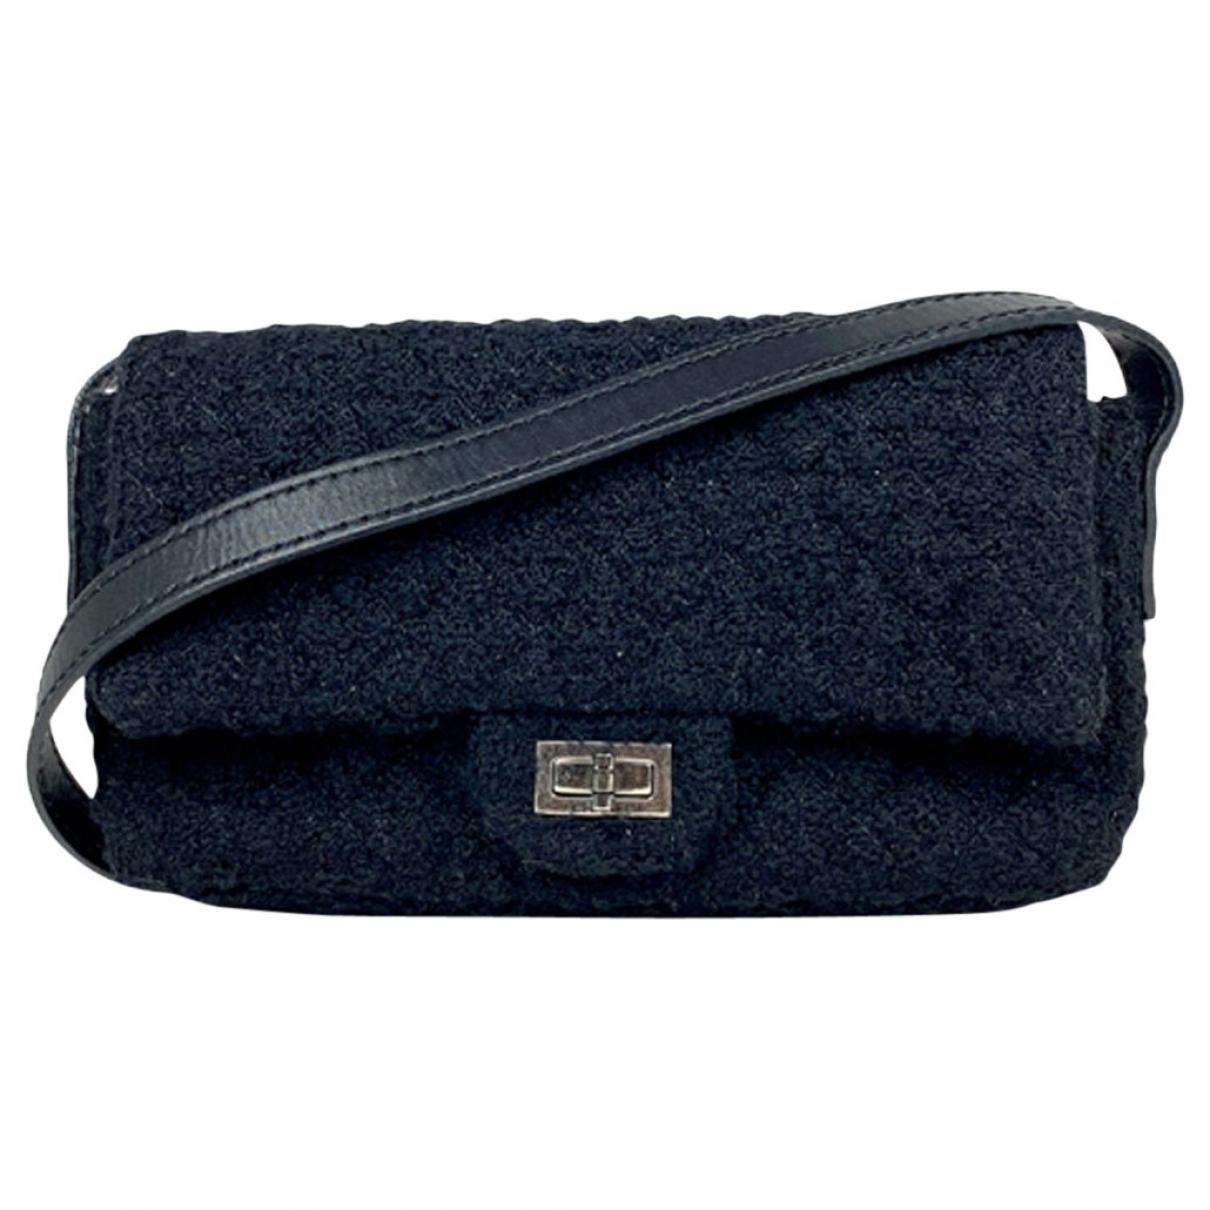 Chanel - Sac a main 2.55 pour femme en tweed - noir